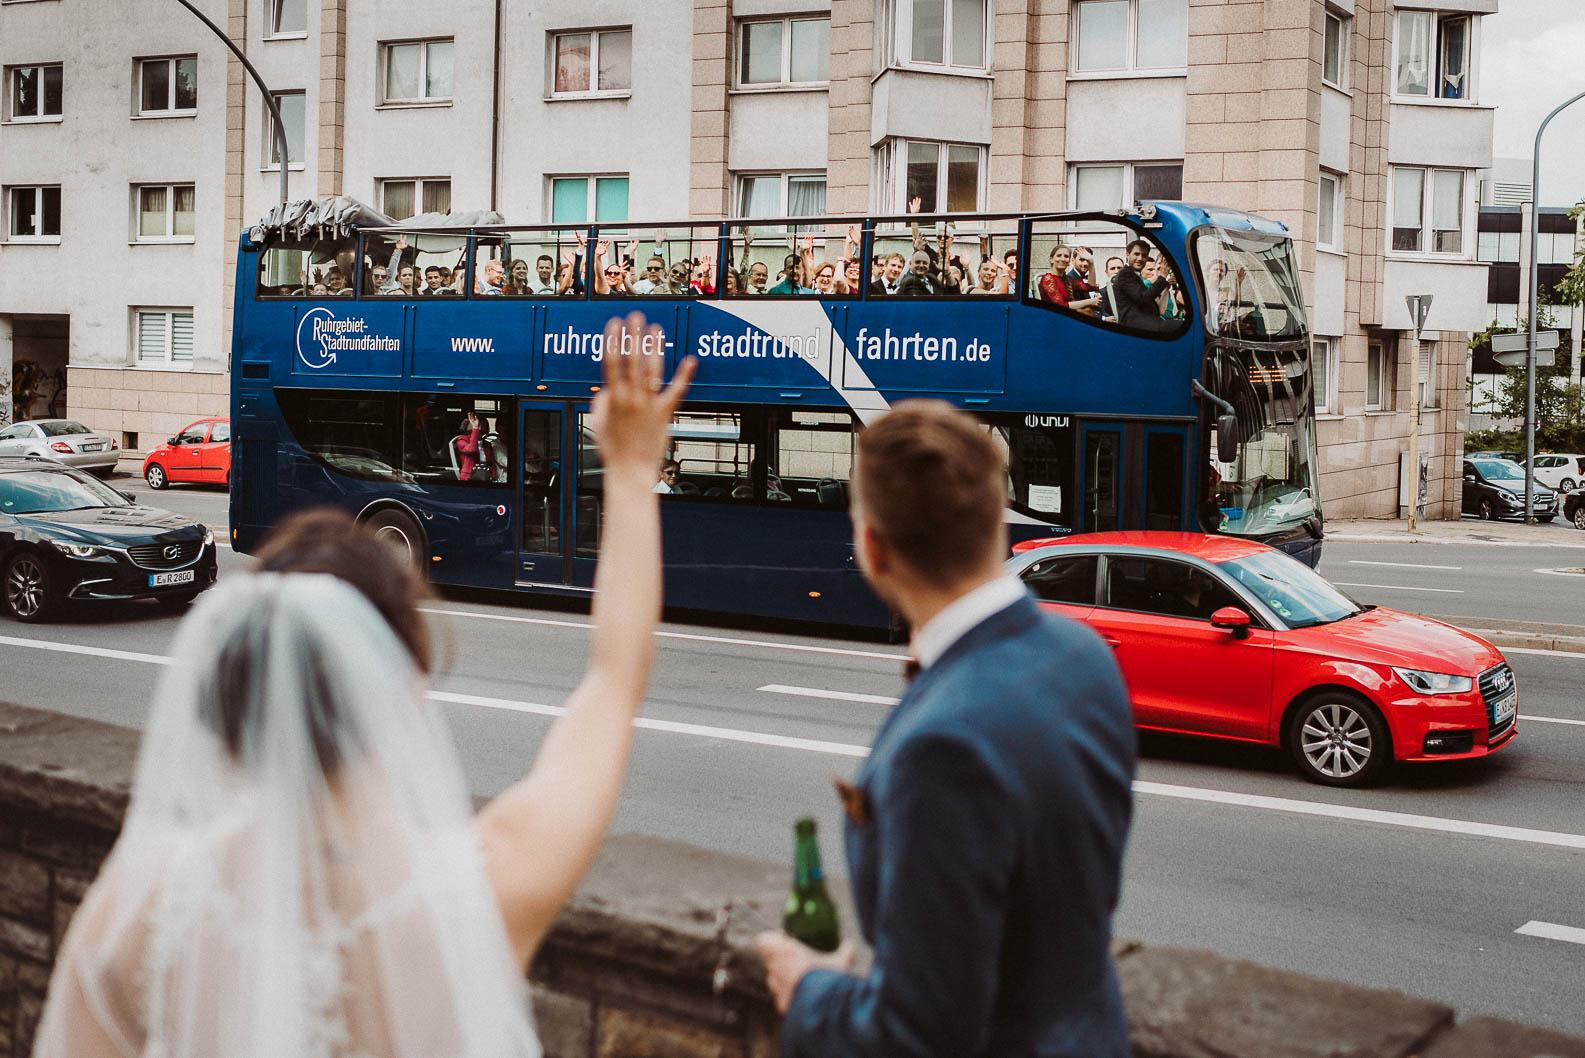 Hochzeit in Essen Ruhrgebiet Gaestebuss Ideen und Preise